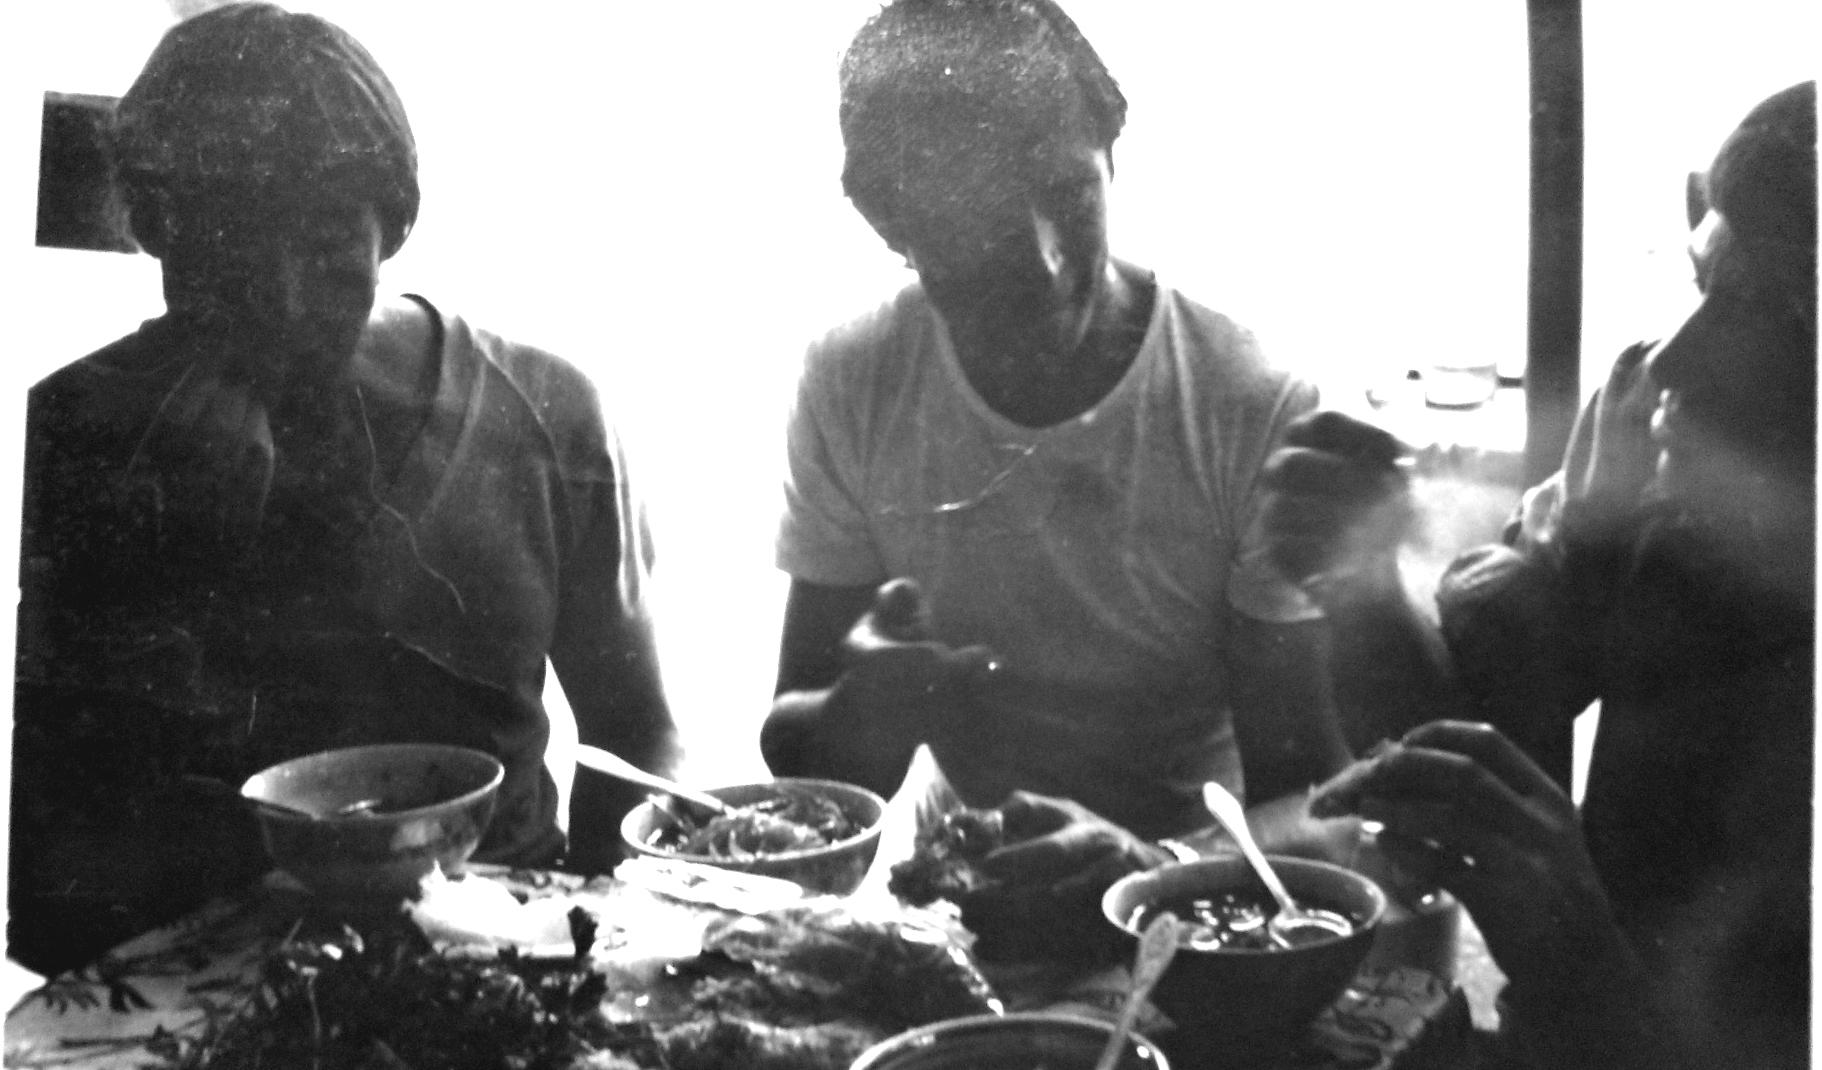 1988 год, памятная фотография Серега Саган (справа), Петр Валентинович Кузнецов (слева) и я (в центре), а Семен Алексеевич Пушкарёв снимал... Про Мишу Овчинникова разговор был тогда, в чайхане, настоящим альпинизмом занимались.